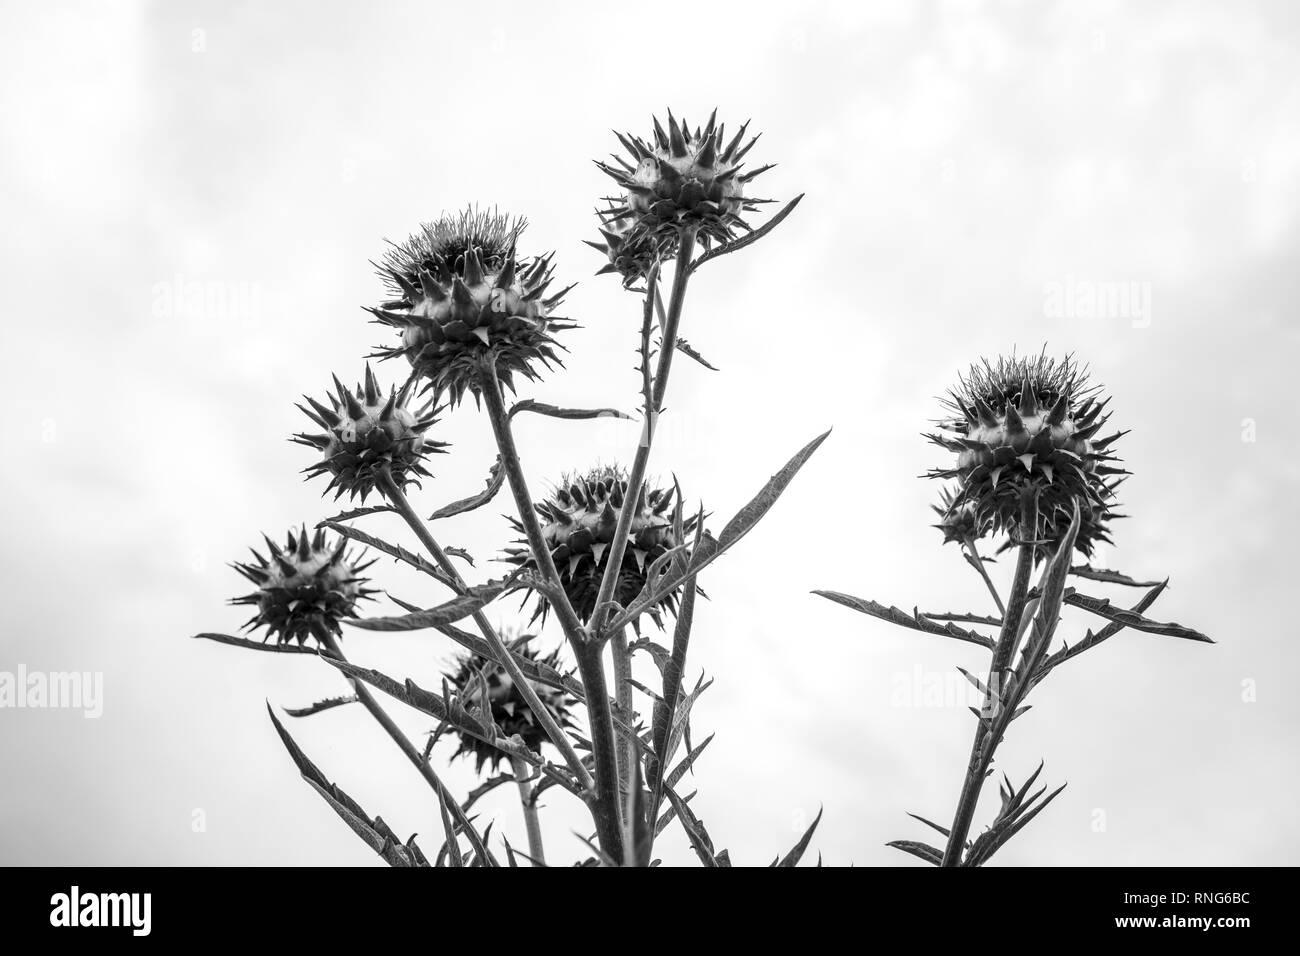 Fiore di carciofo visto dal di sotto - bianco e nero Immagini Stock